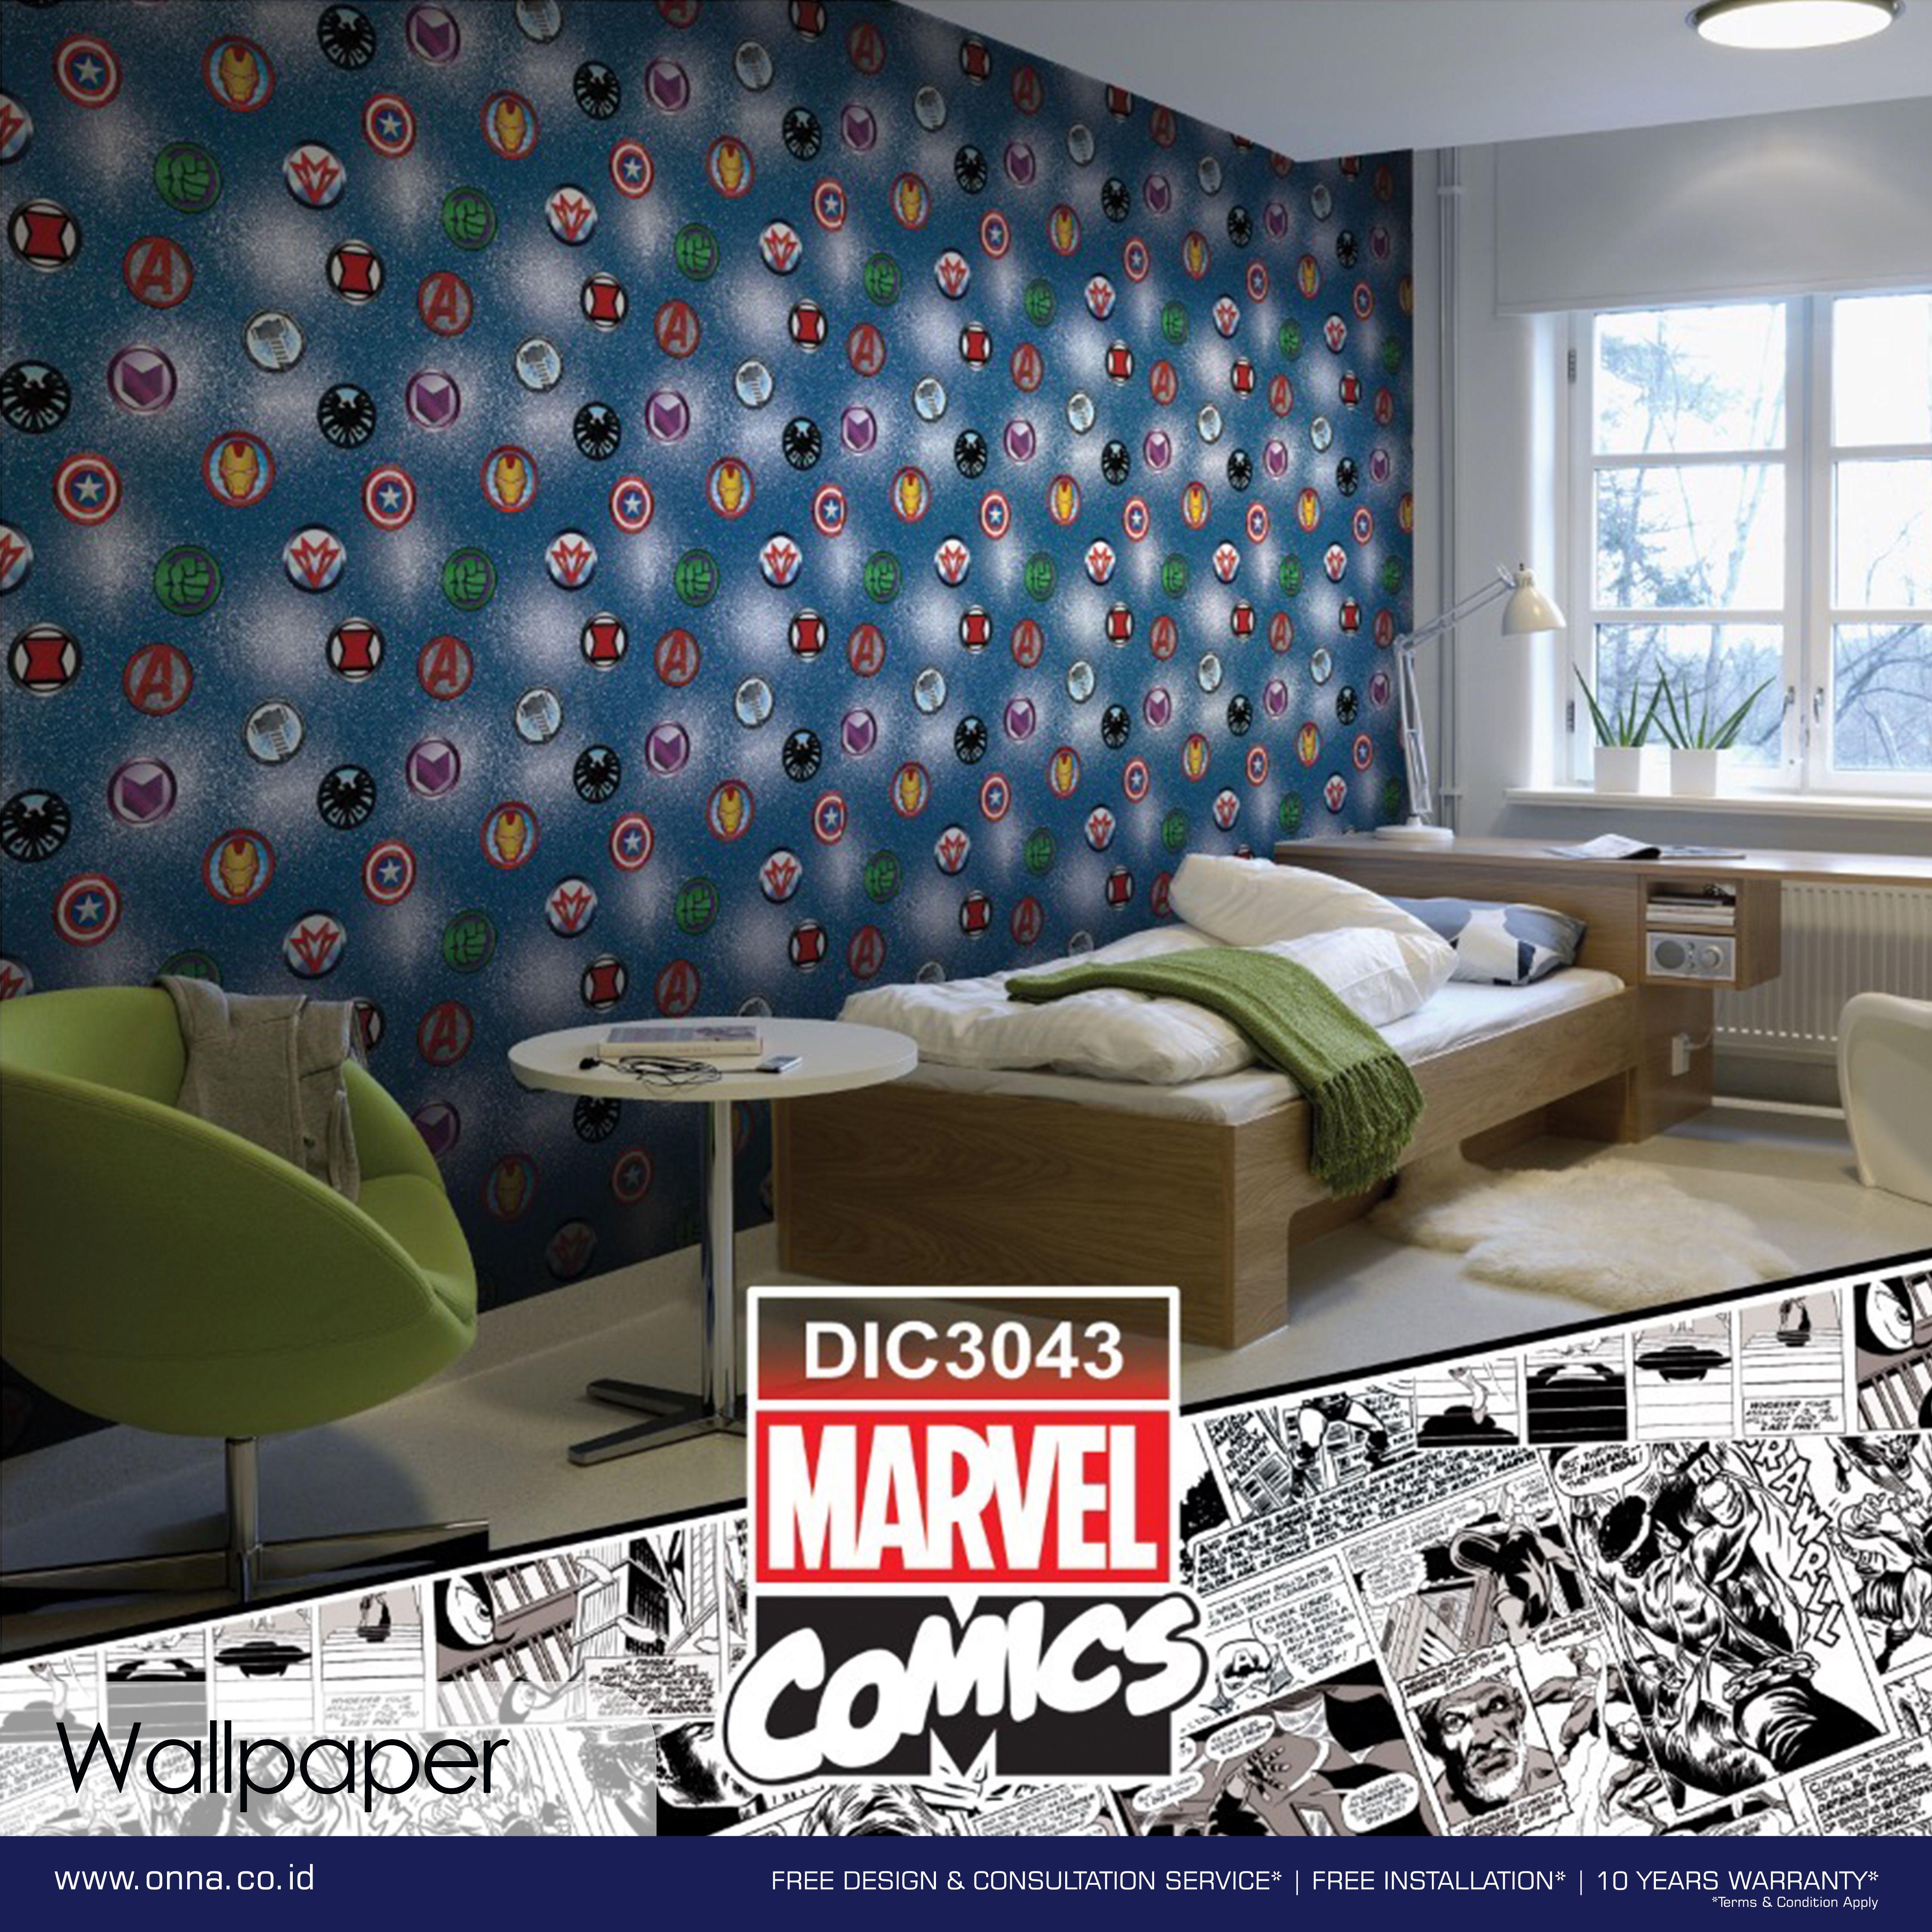 Manjakan Anak Anda Dengan Mendekor Ruang Mereka Dengan Wallpaper Dinding Yang Kini Tersedia Dalam Karakter Favoritenya Home Decor Design Wallpaper